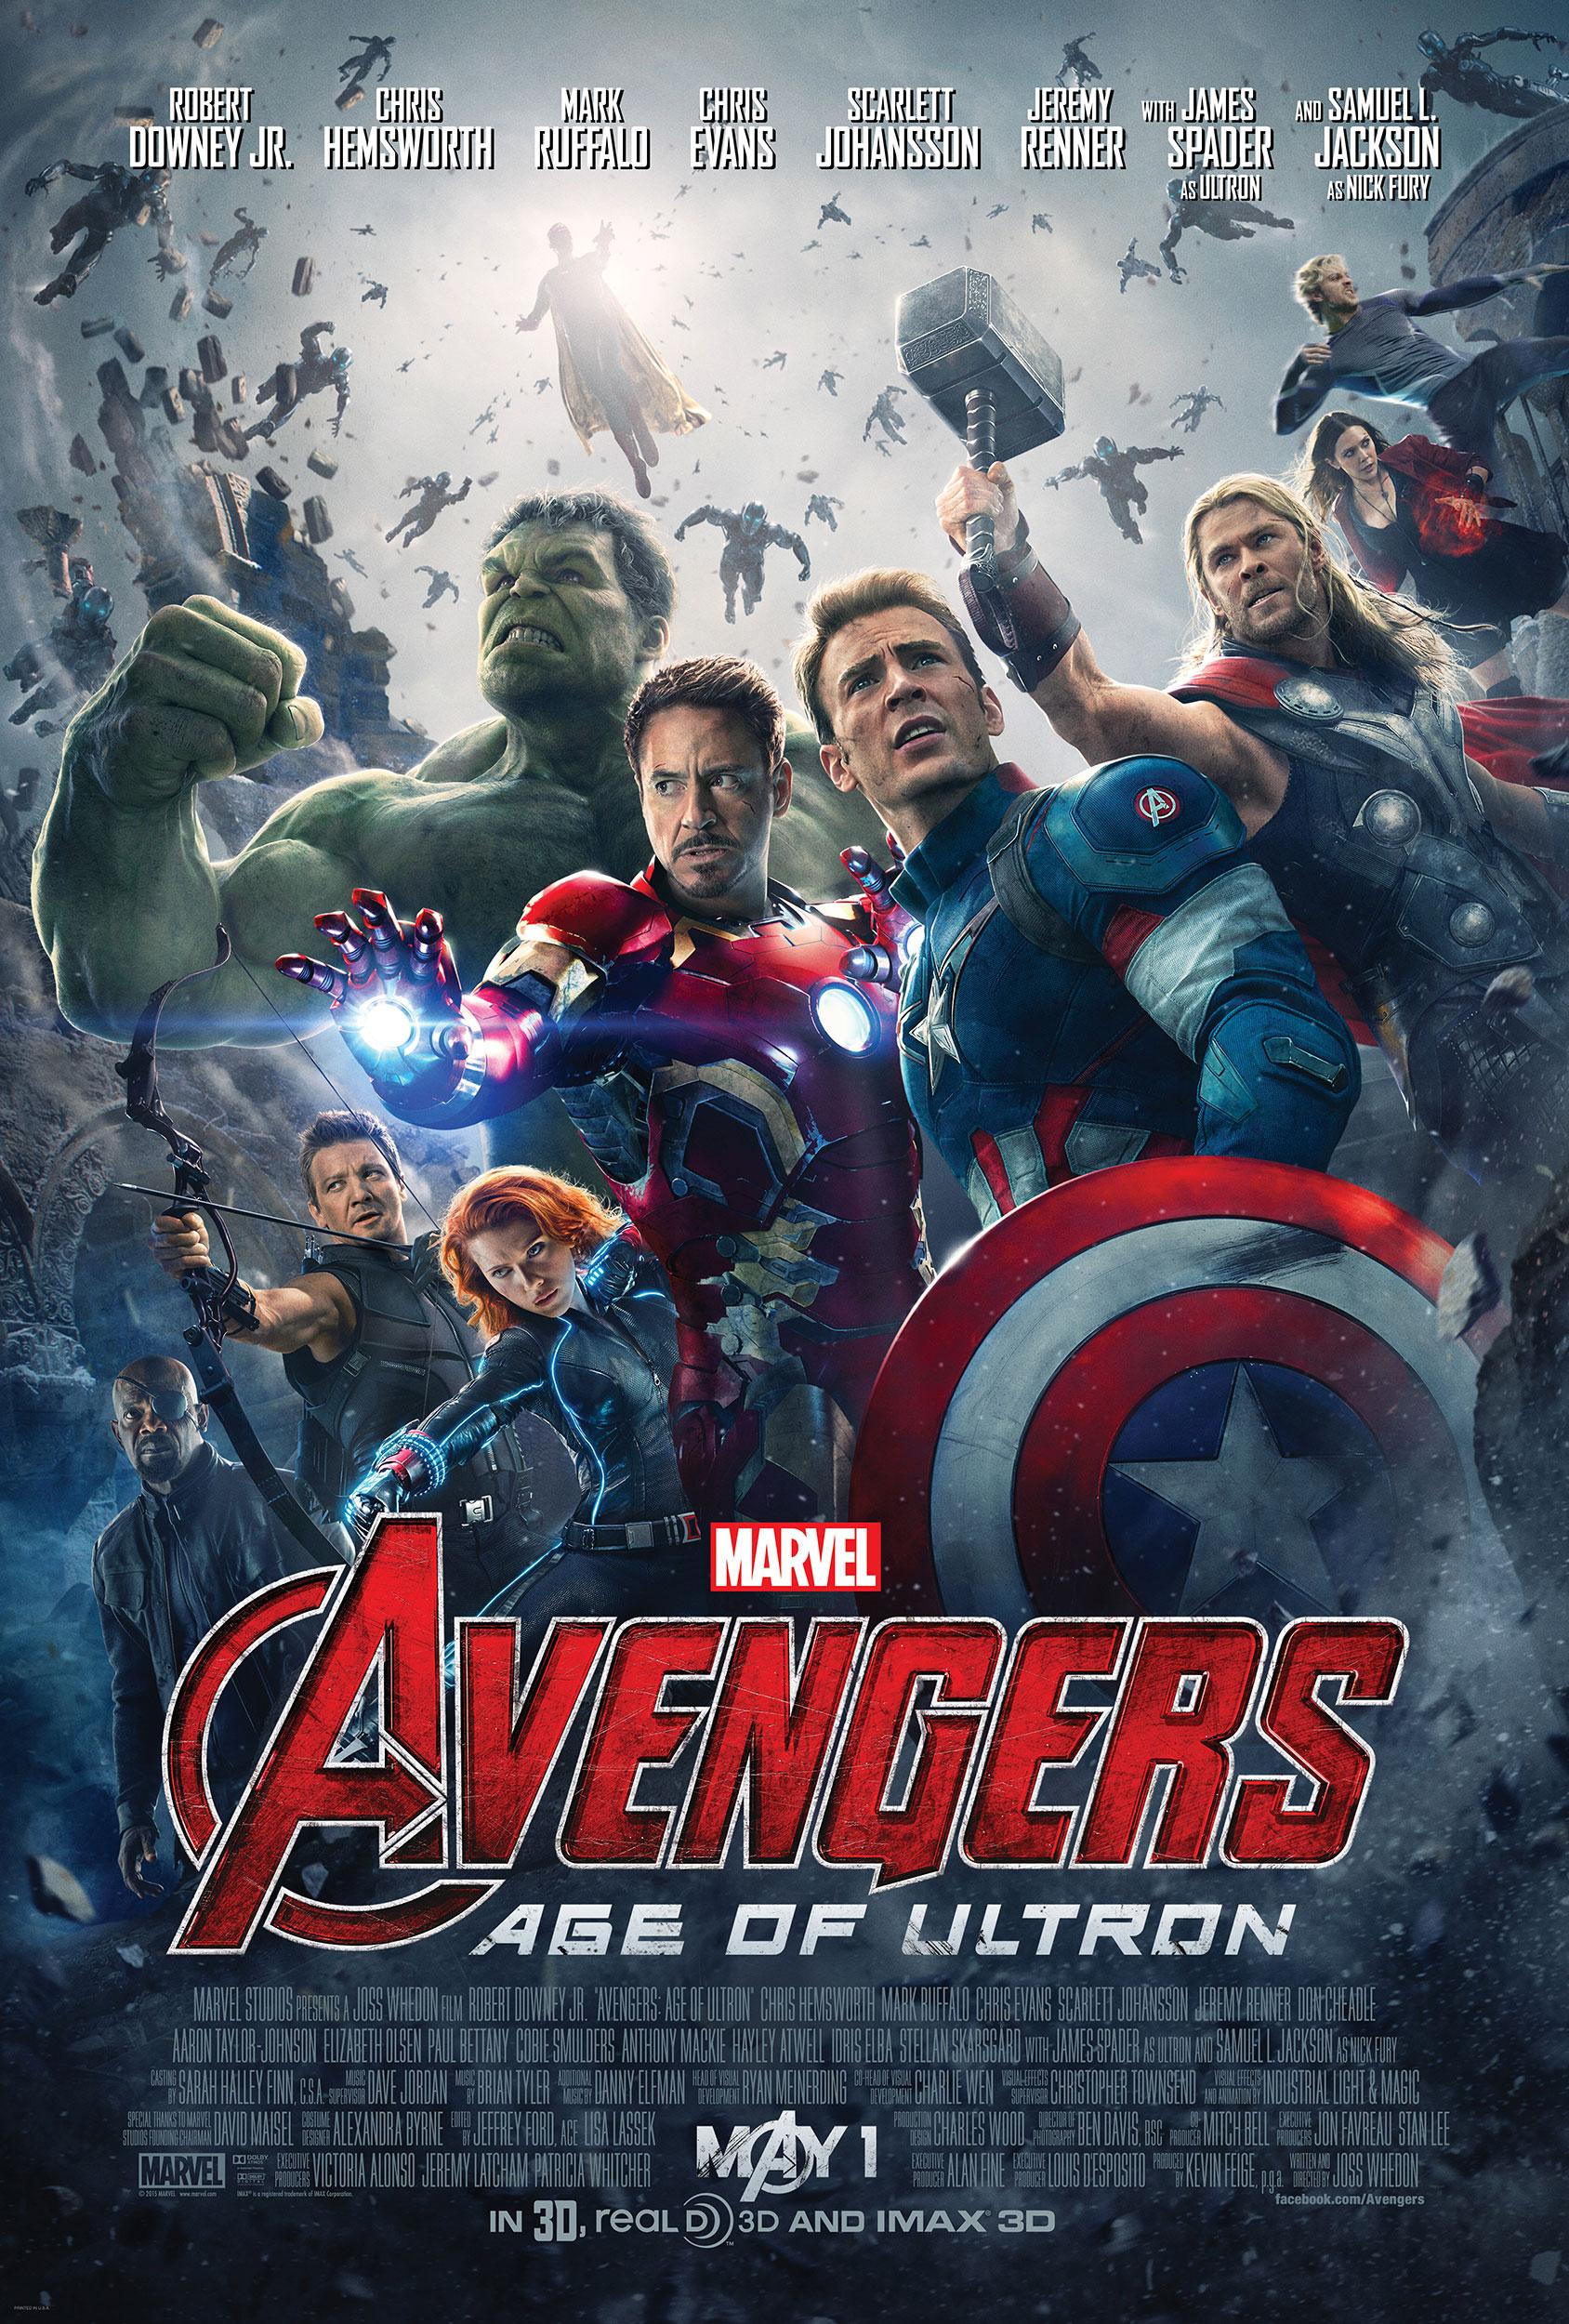 avenger-2-movie-poster-lauren_blog.jpg